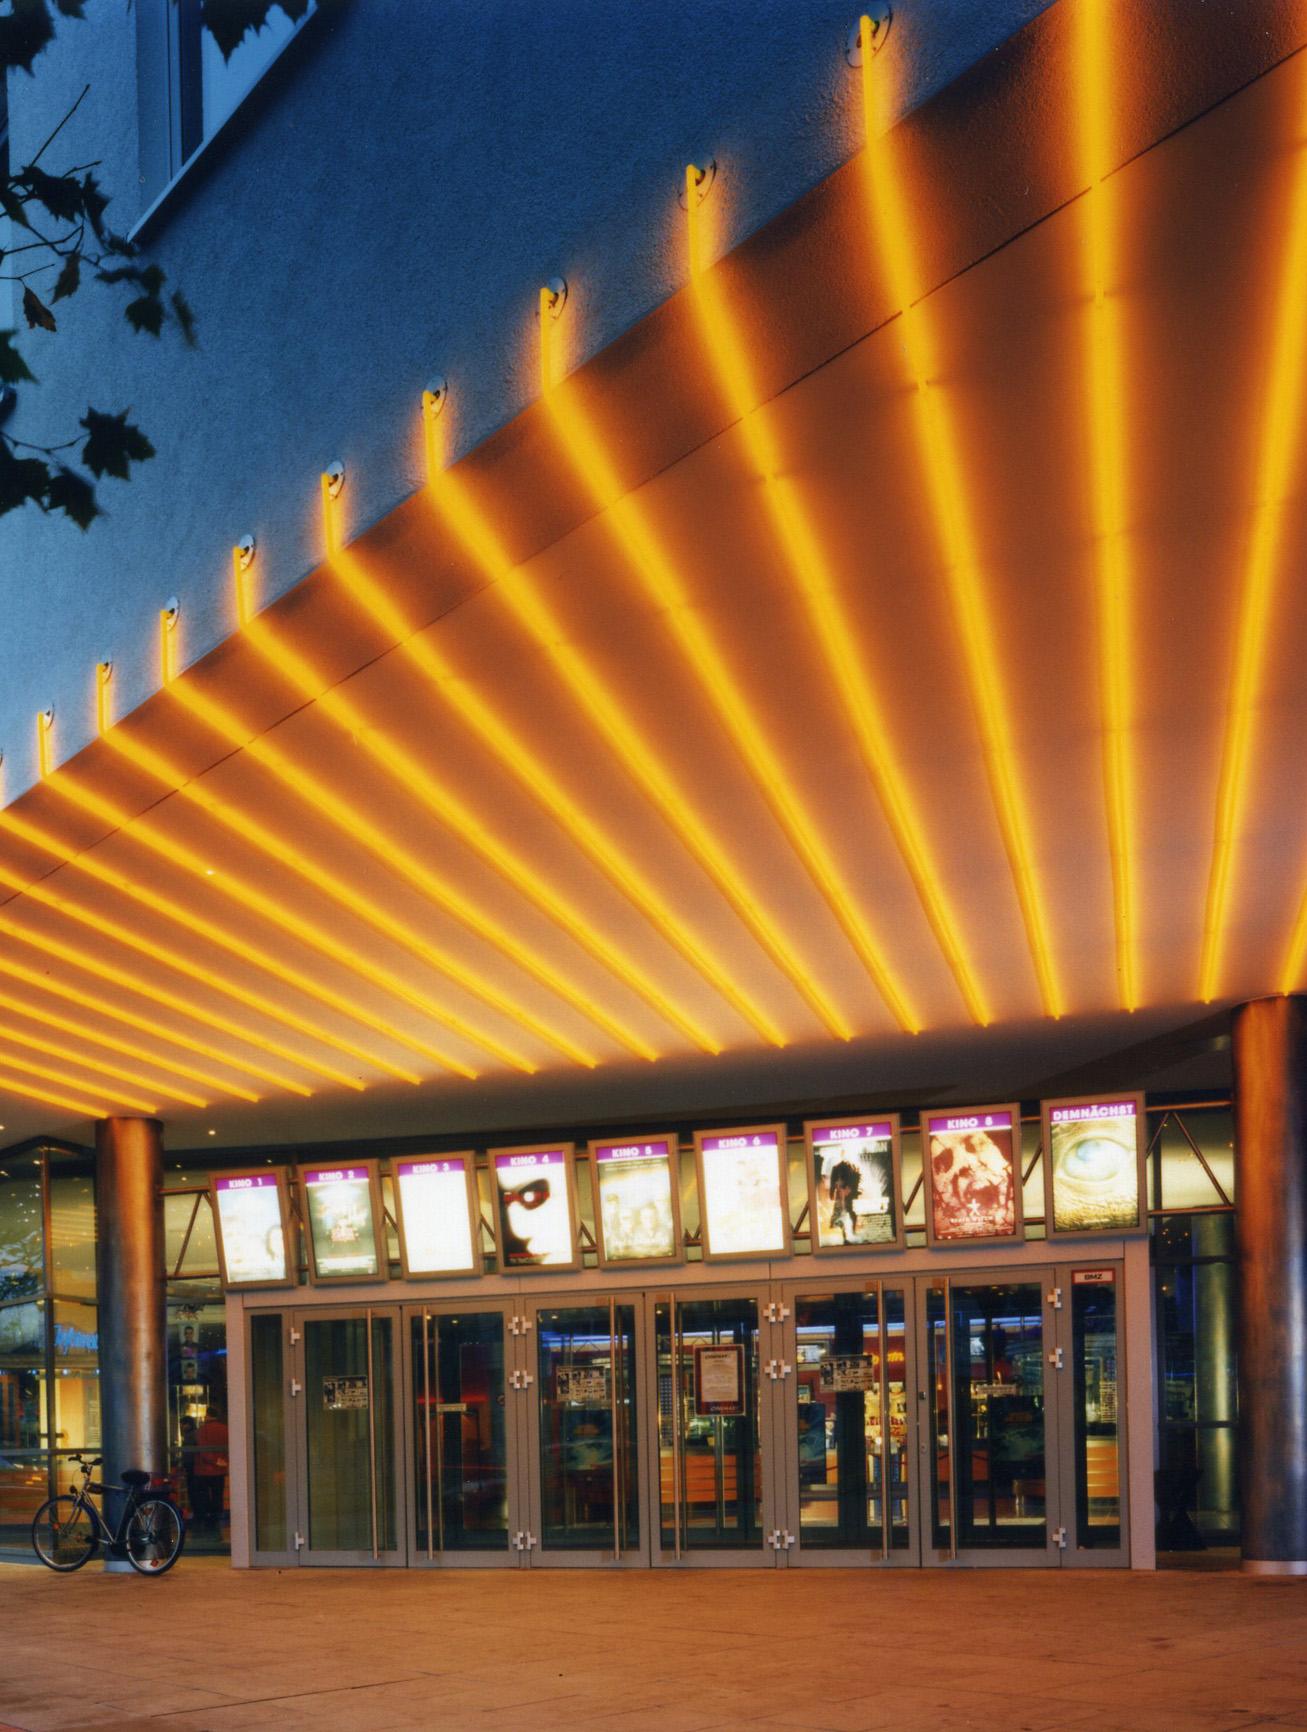 Kino Braunschweig Programm